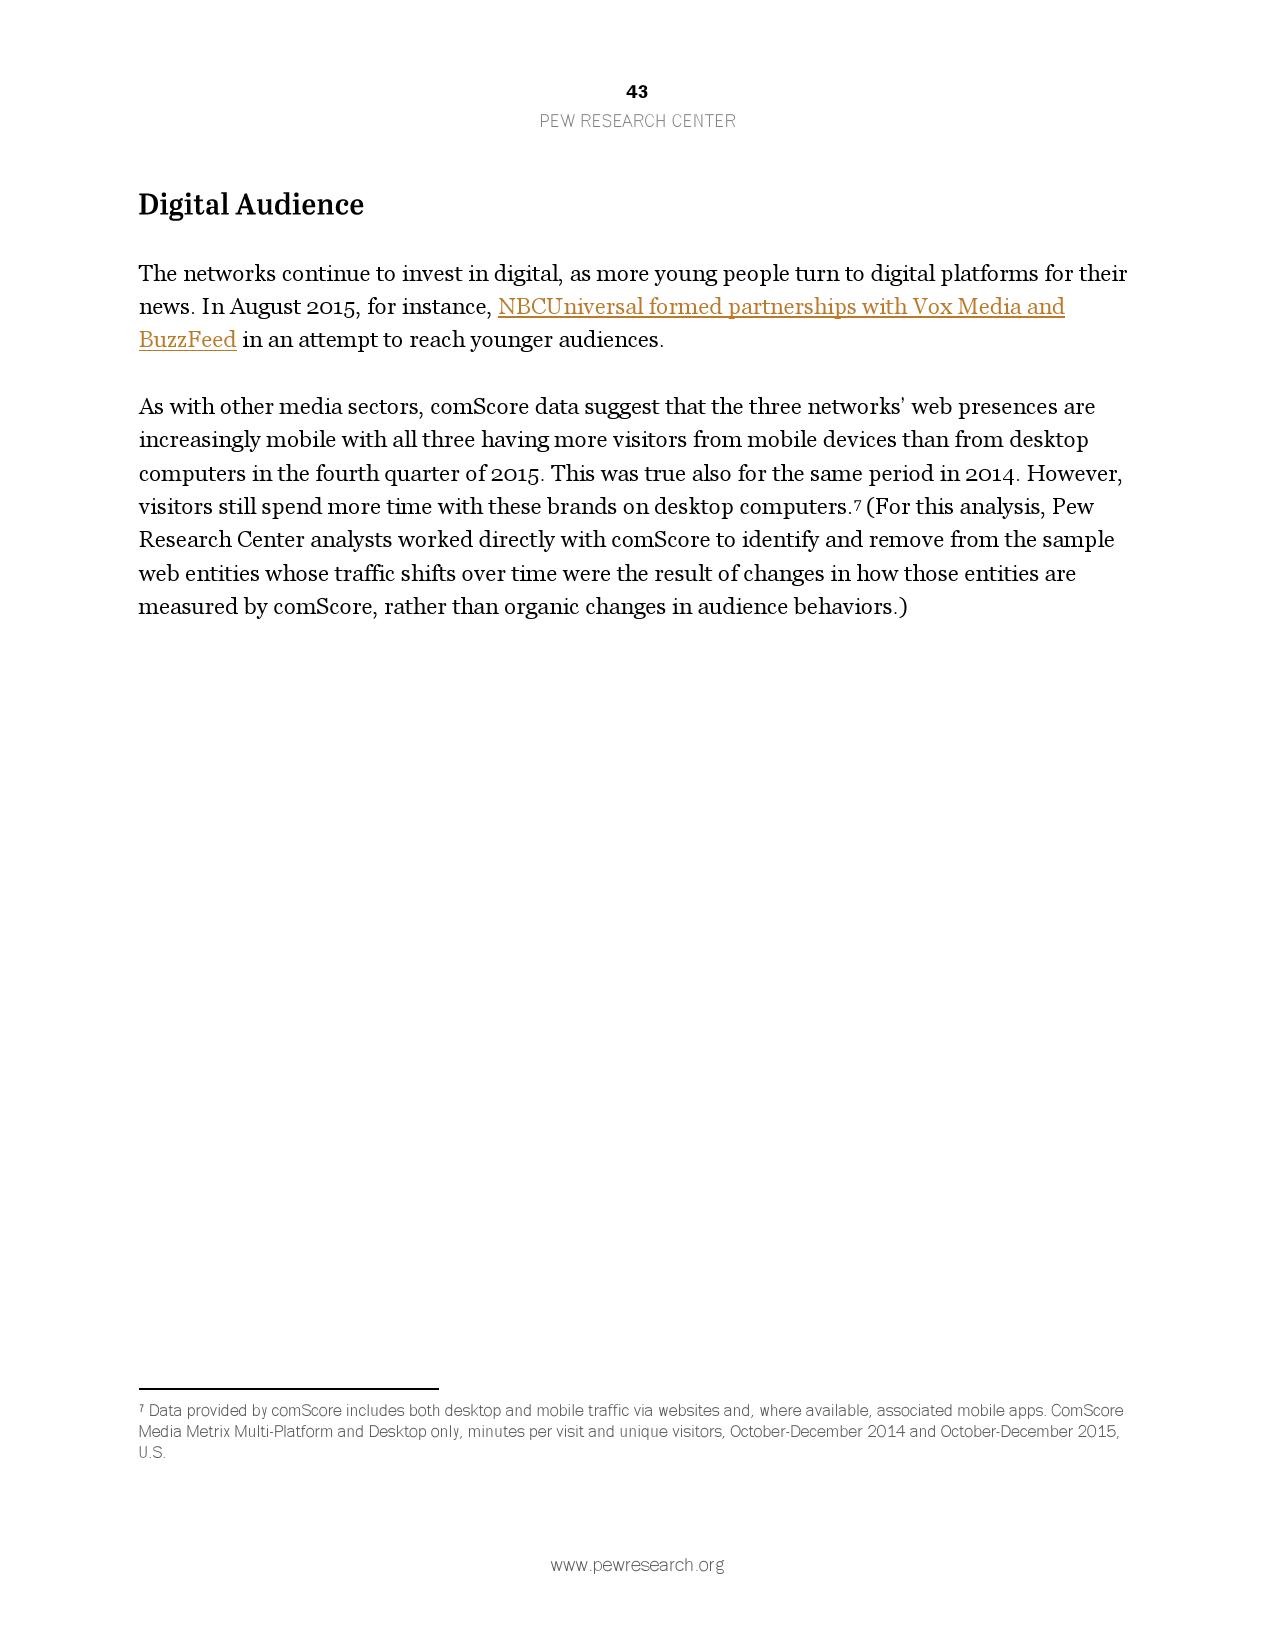 2016美国新媒体研究报告_000043